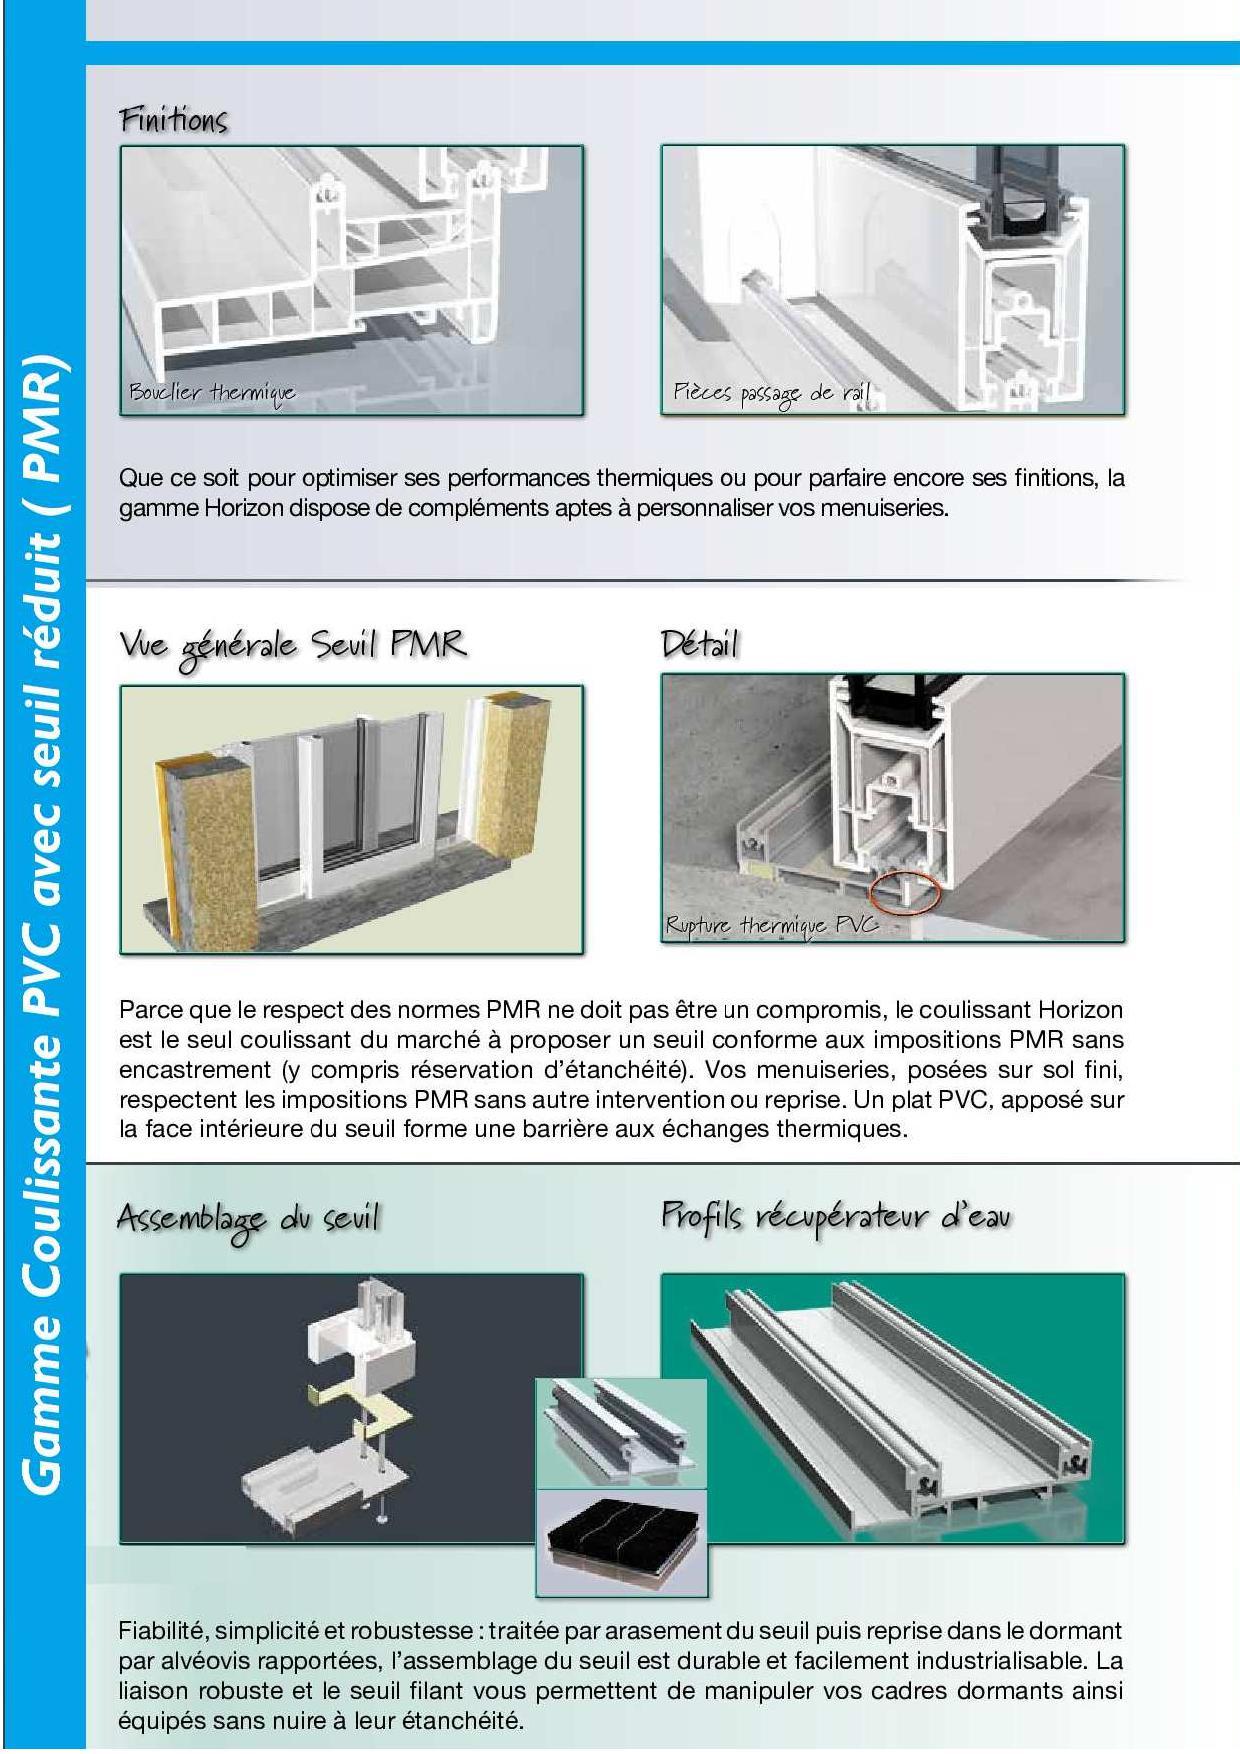 horizon-pour-site-page-002